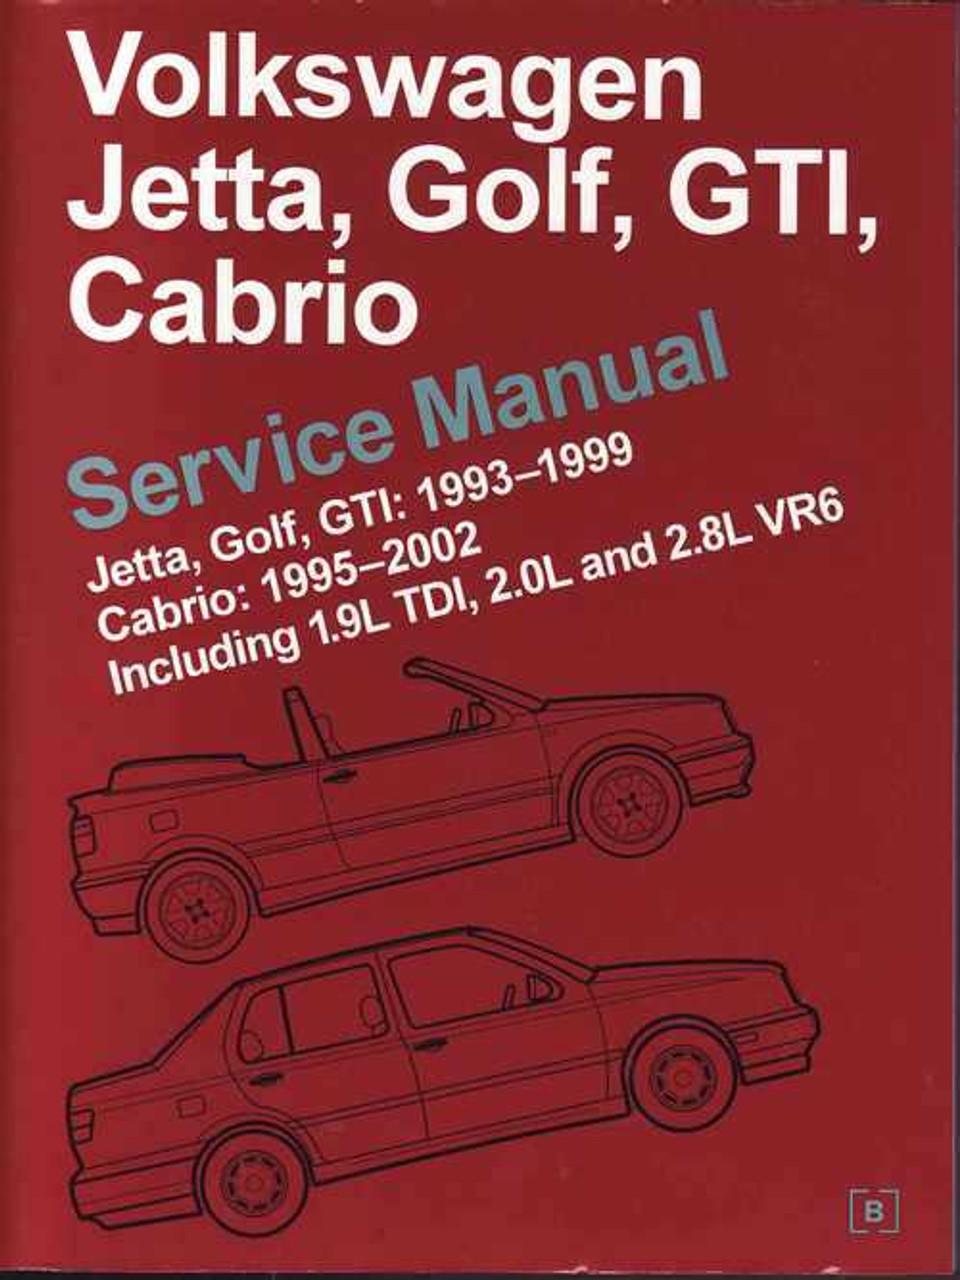 volkswagen jetta golf gti cabrio 1993 2002 workshop manual rh automotobookshop com au volkswagen golf 3 service manual pdf vw golf 3 1996 service manual